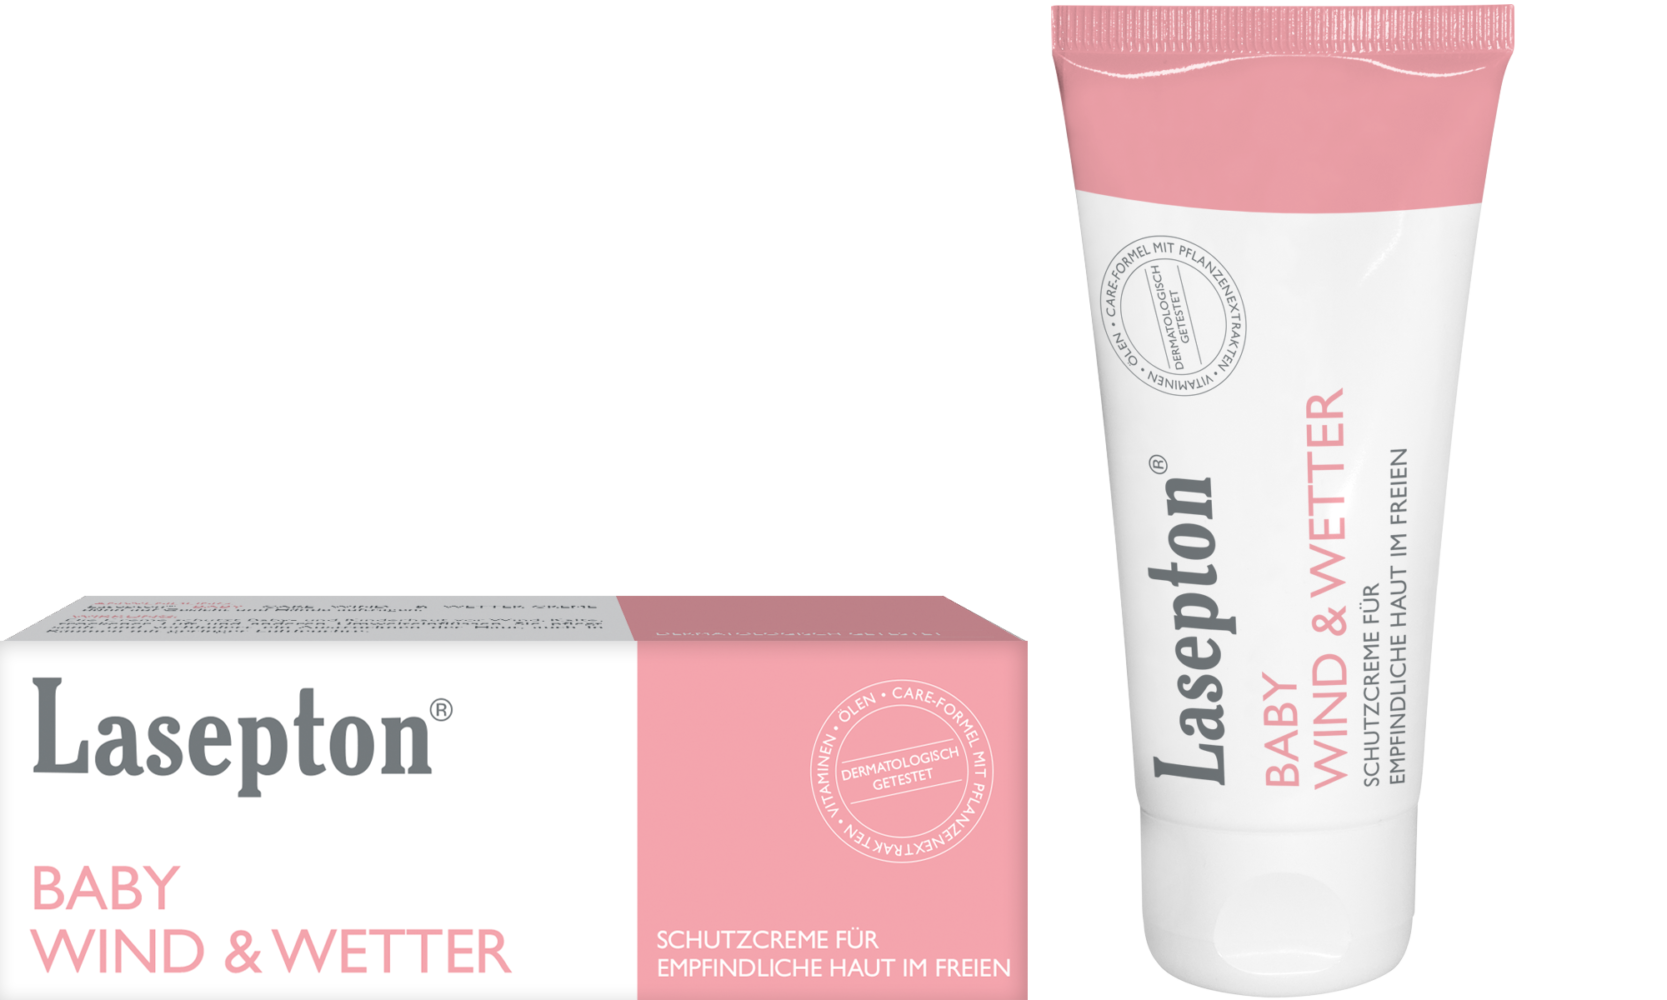 Lasepton® Baby Wind - & Wetter Creme; Schutzcreme für empfindliche Haut im Freien